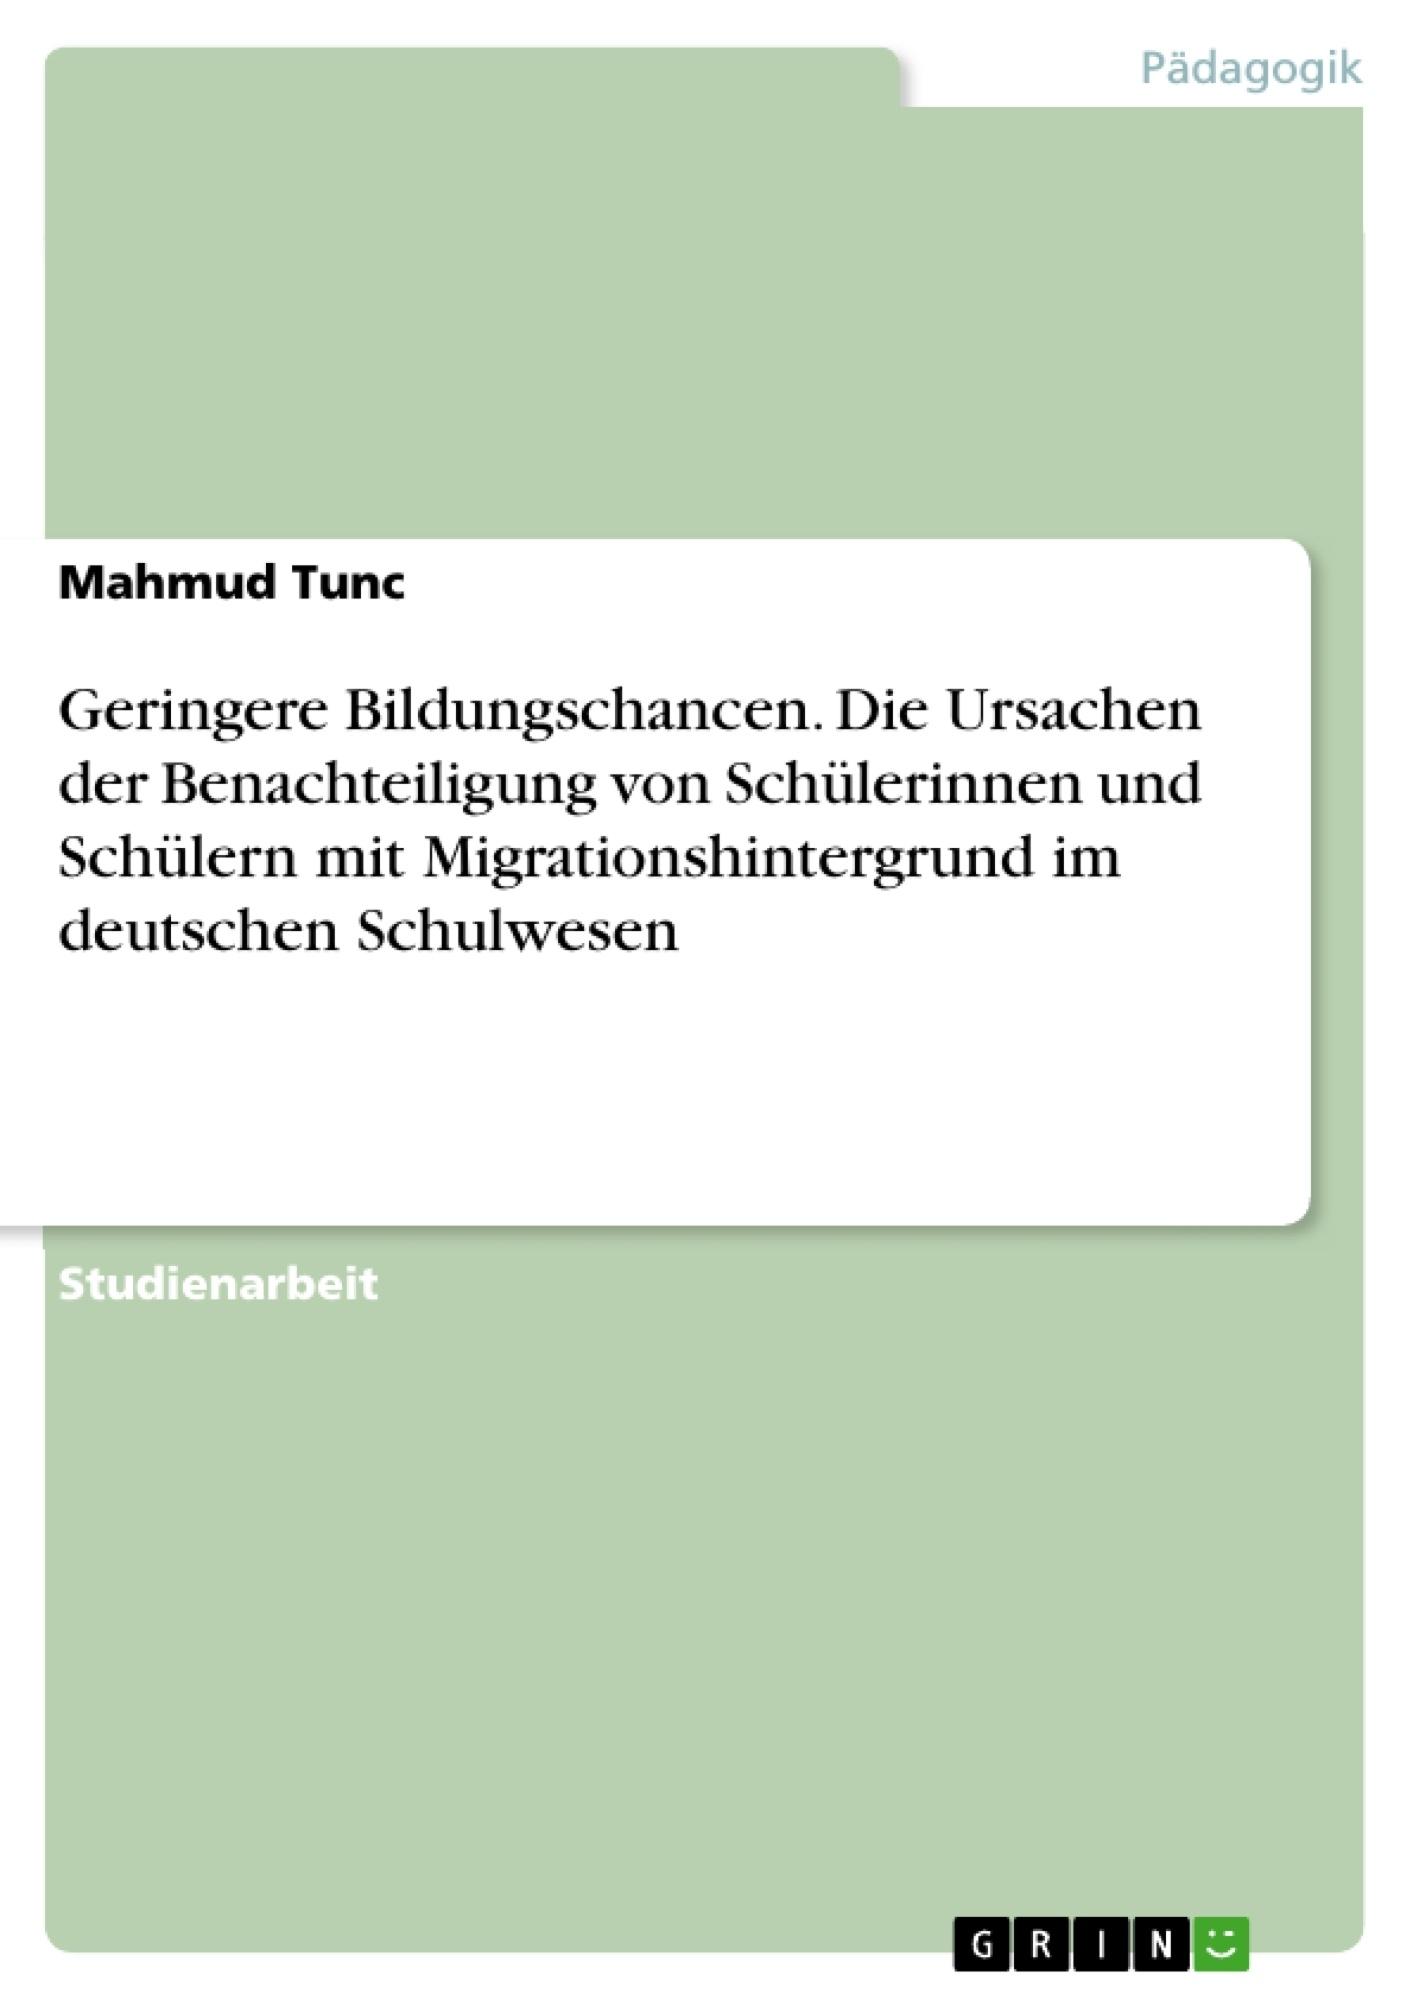 Titel: Geringere Bildungschancen. Die Ursachen der Benachteiligung von Schülerinnen und Schülern mit Migrationshintergrund im deutschen Schulwesen